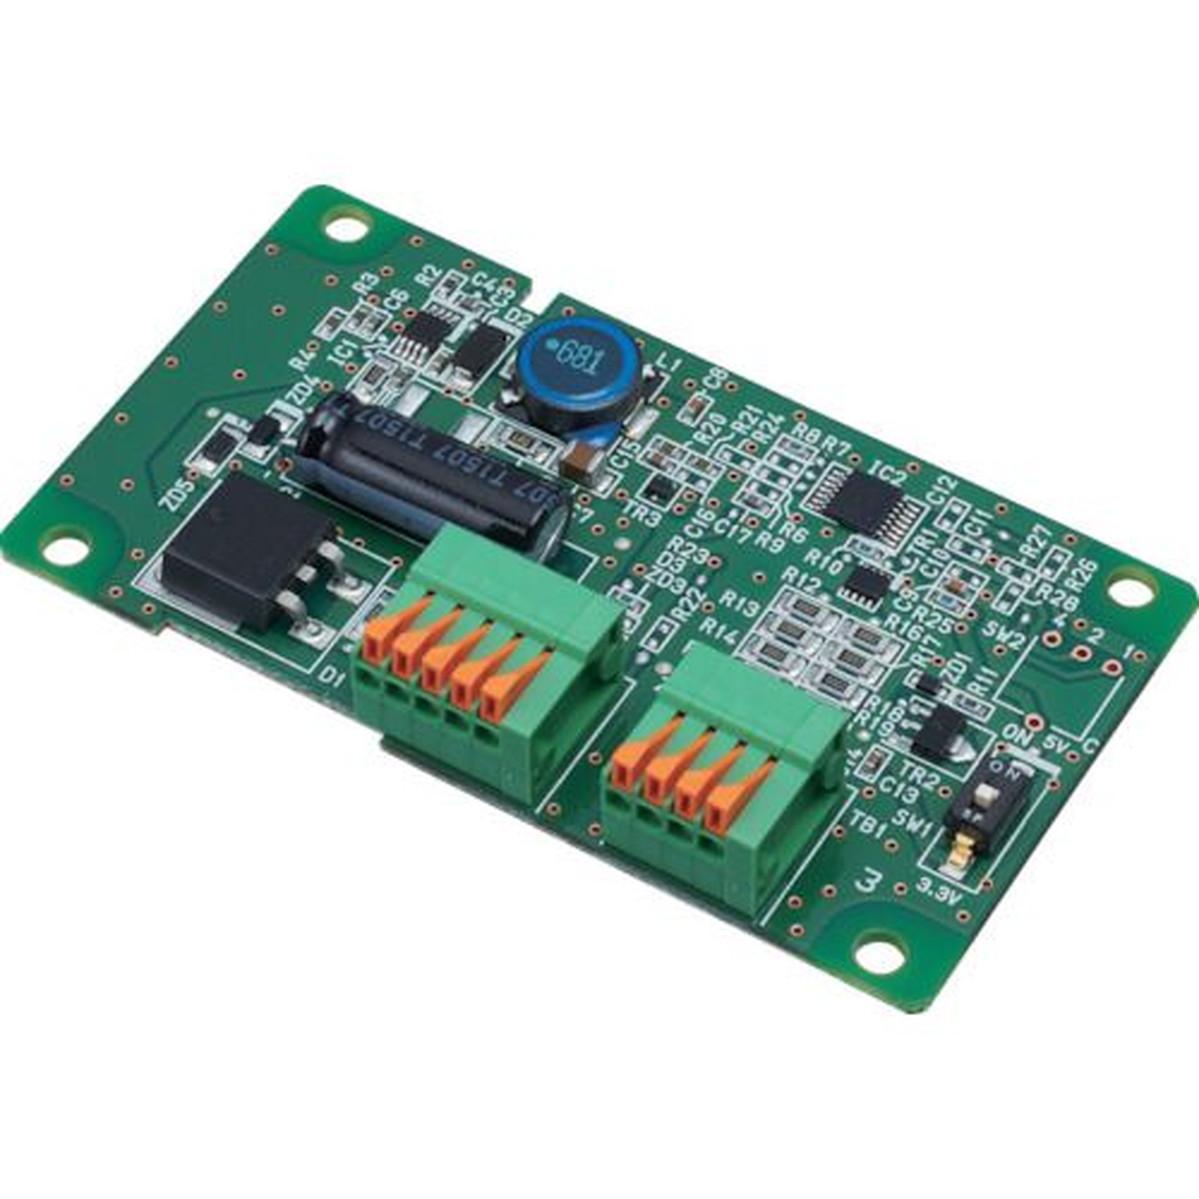 日本に SanACE PWMコントローラ 1台 基板タイプ PWMコントローラ 可変抵抗コントロール 基板タイプ 1台, カミグン:1c8422c7 --- kventurepartners.sakura.ne.jp